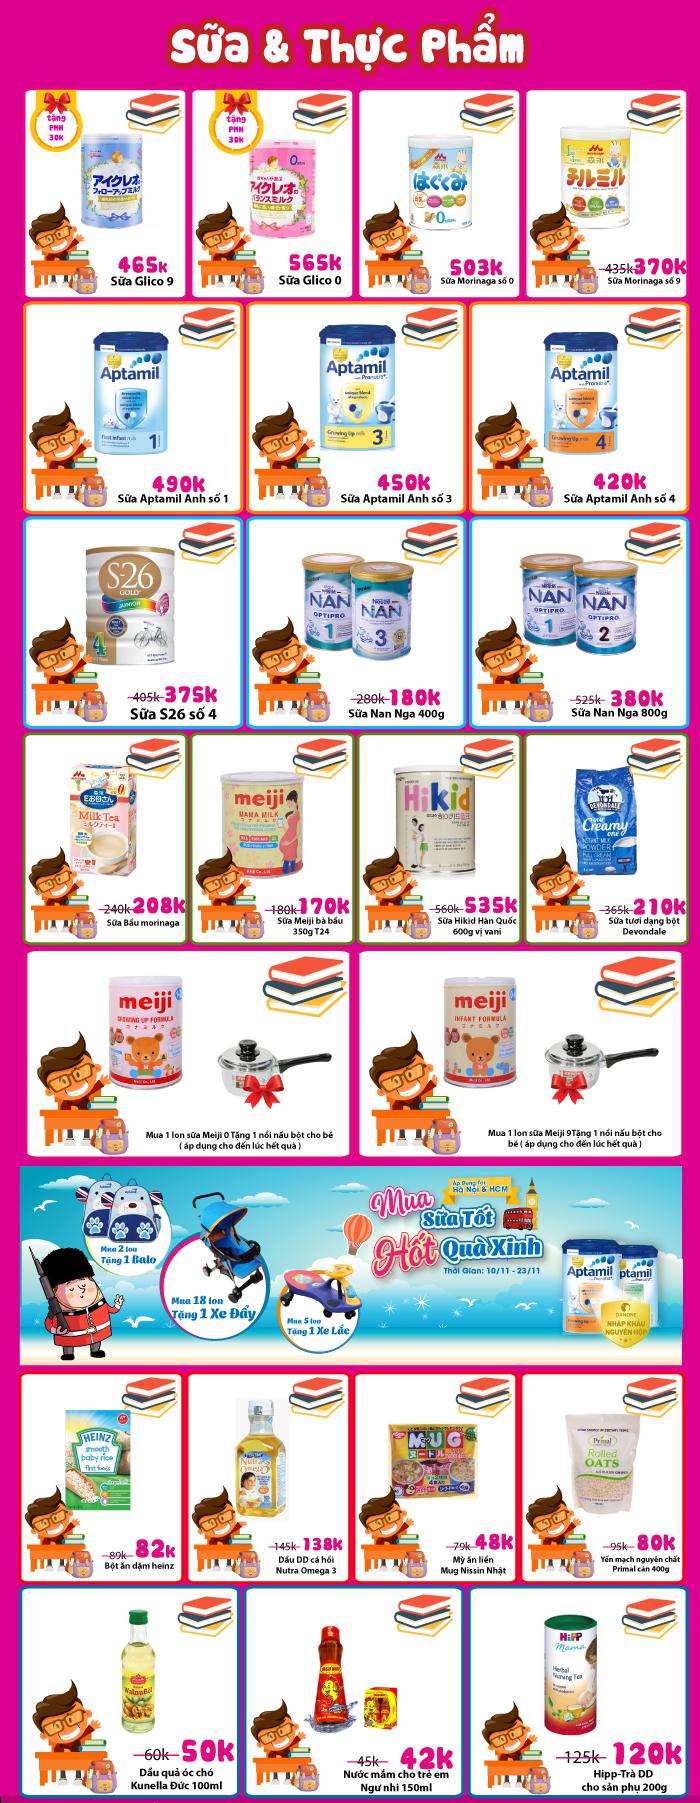 """Chương trình khuyến mại chào mừng 20/11 """"Cảm ơn Mẹ - Cô giáo của con"""" (17 - 23/11) tại siêu thị Mẹ&bé TutiCare"""